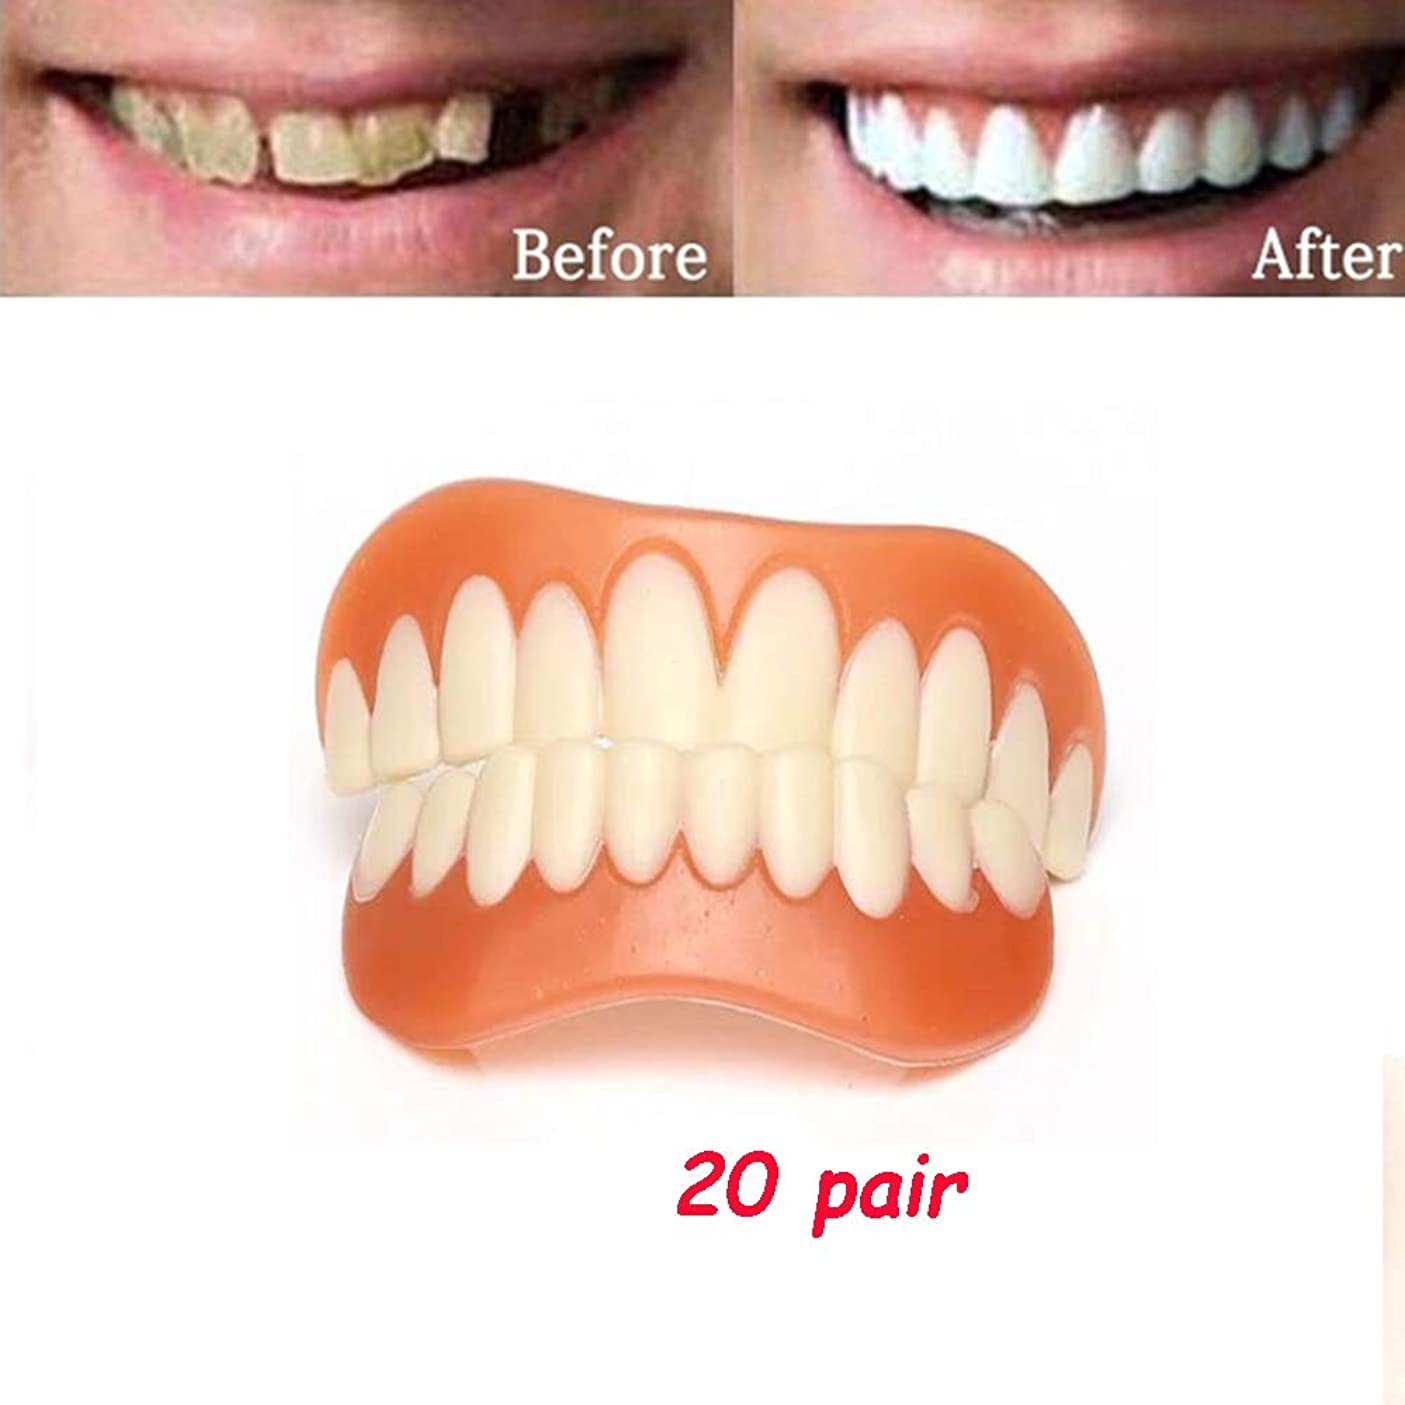 から不確実教育学インスタント笑顔の歯、歯のサイズを修正するための20ペアの完璧なスマイリーシリコンベニアシミュレーションブレース男性の女性のための最もフィットする(下+上)